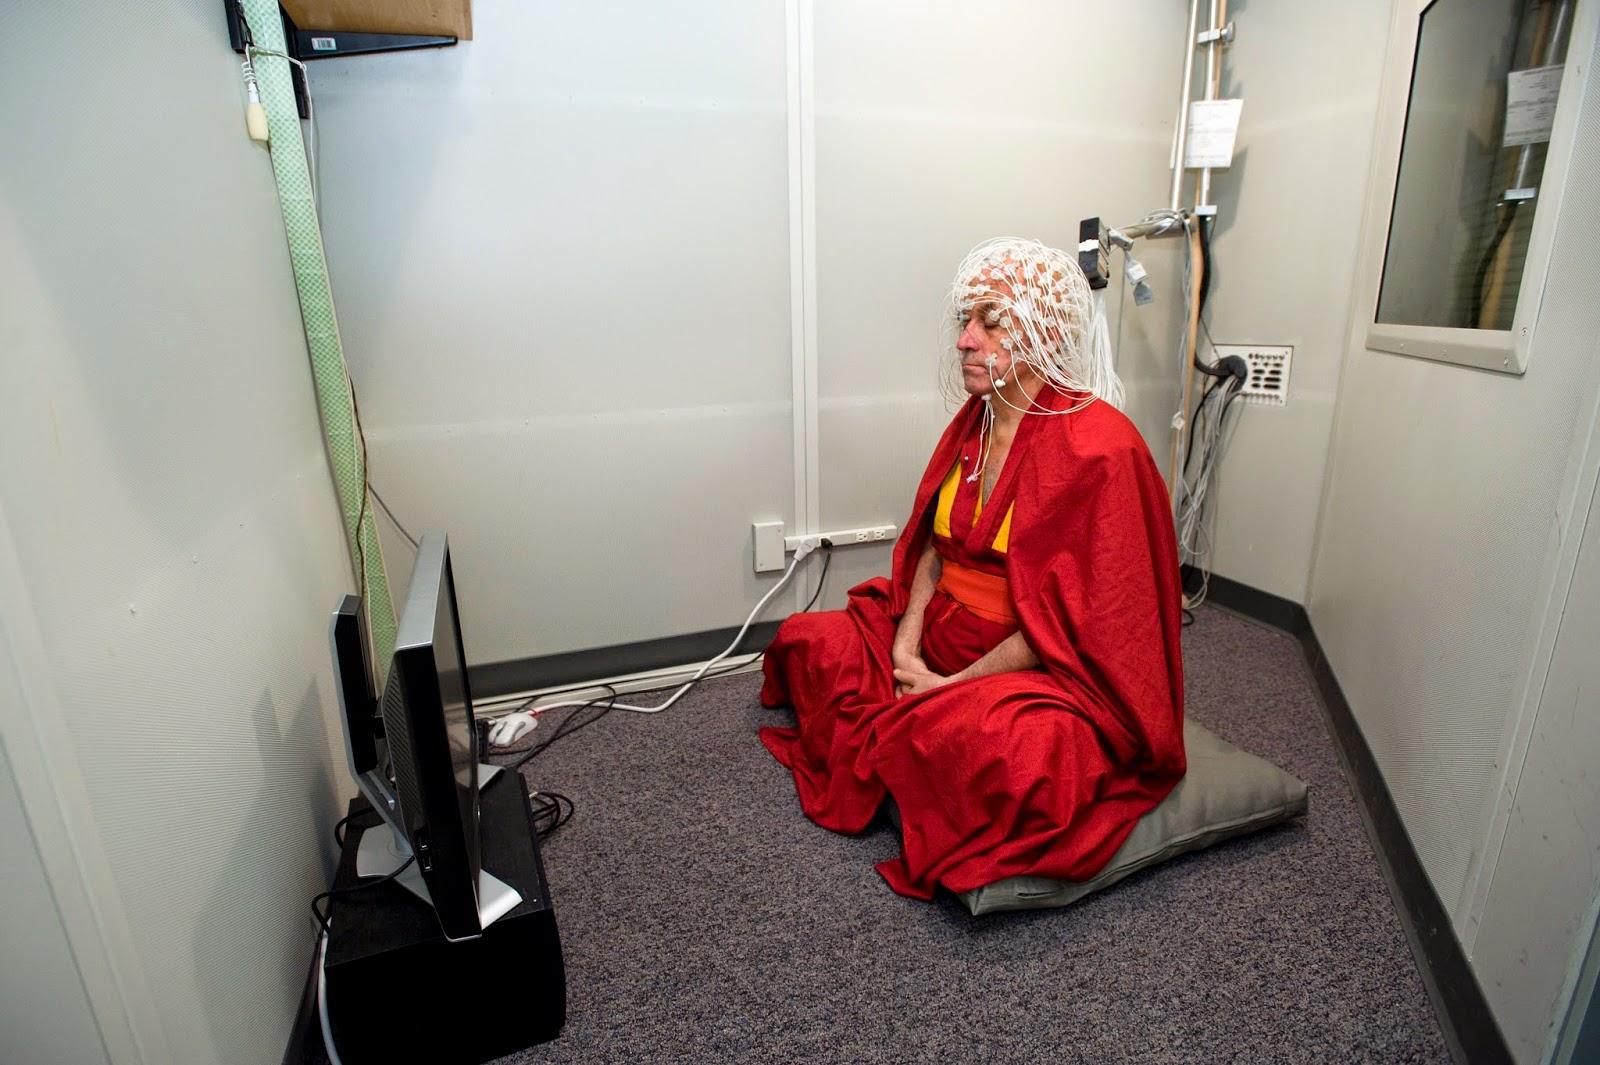 Le moine bouddhiste Matthieu Ricard se soumet à un électroencéphalogramme durant une séance de méditation au laboratoire Waisman d'imagerie cérébrale de l'université de Wisconsin-Madison en 2008. © Jeff Miller